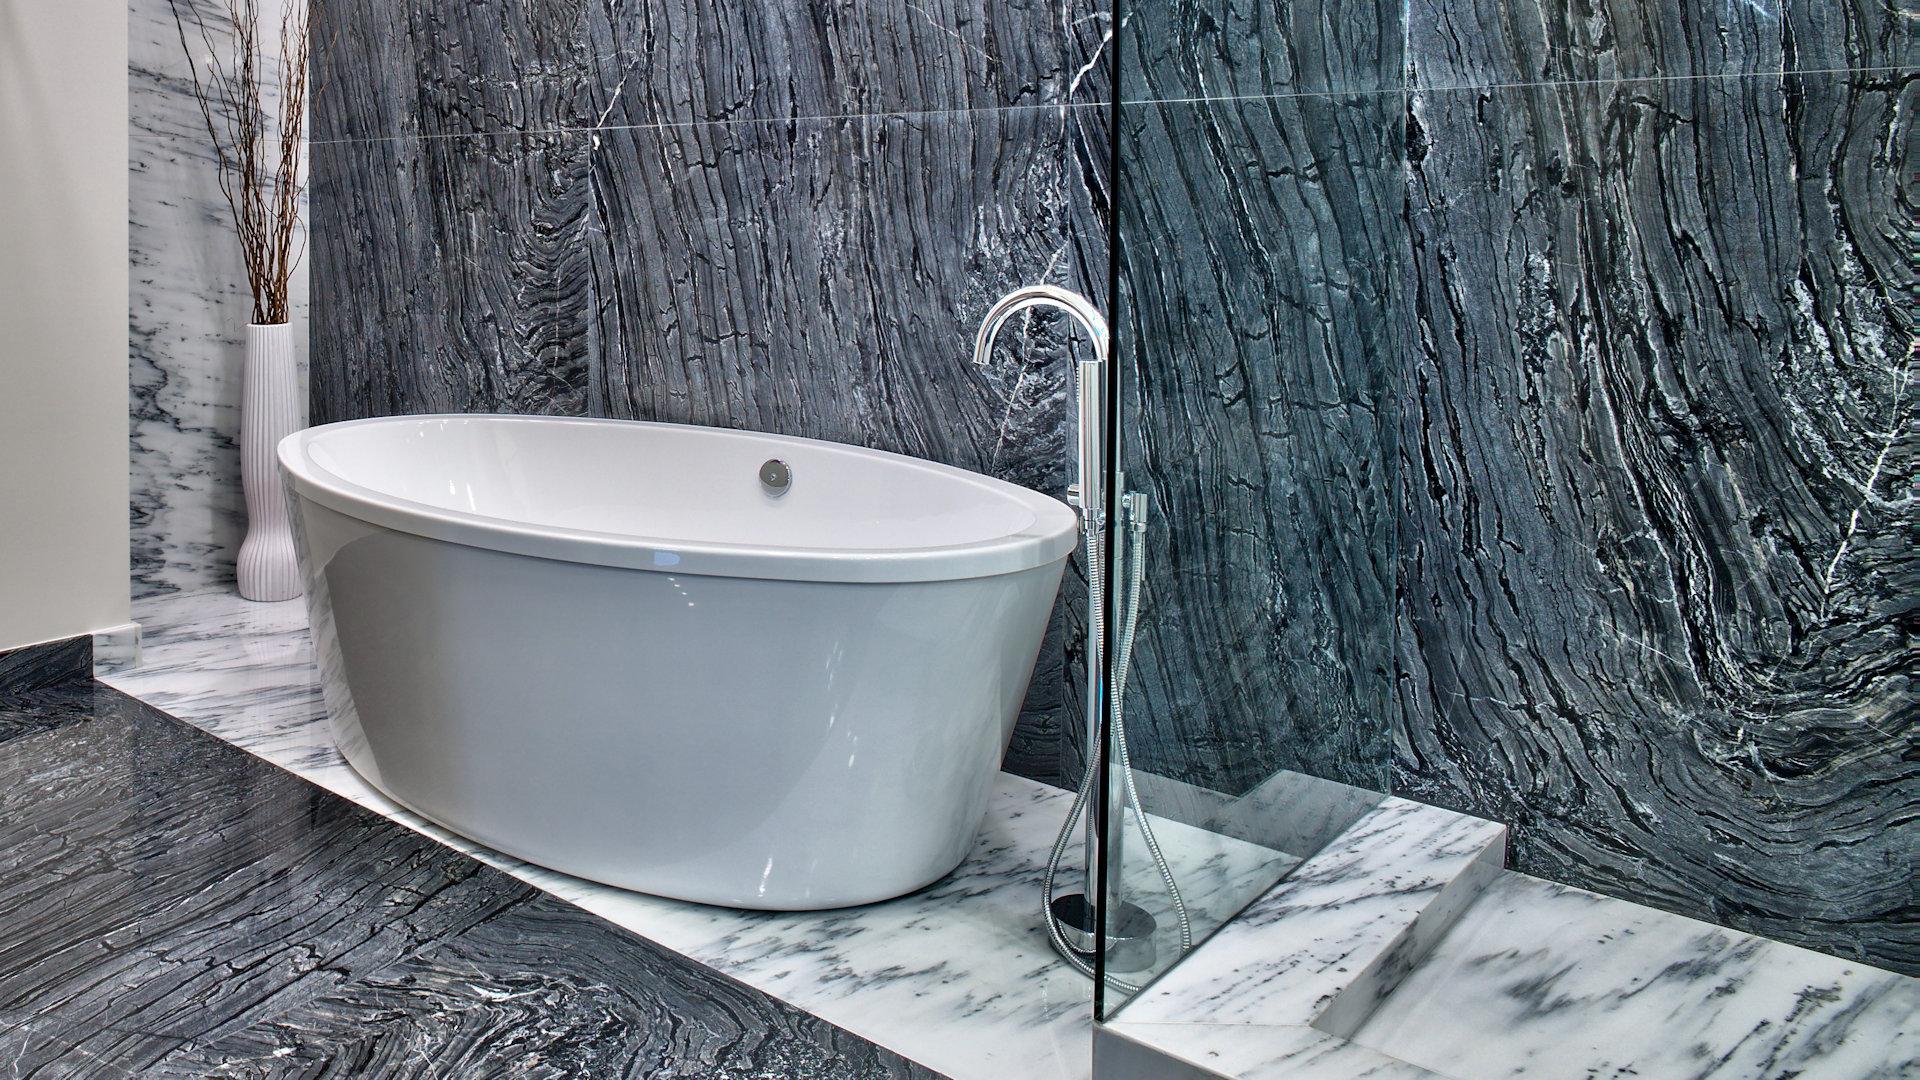 Rose Crescent Master Bathroom